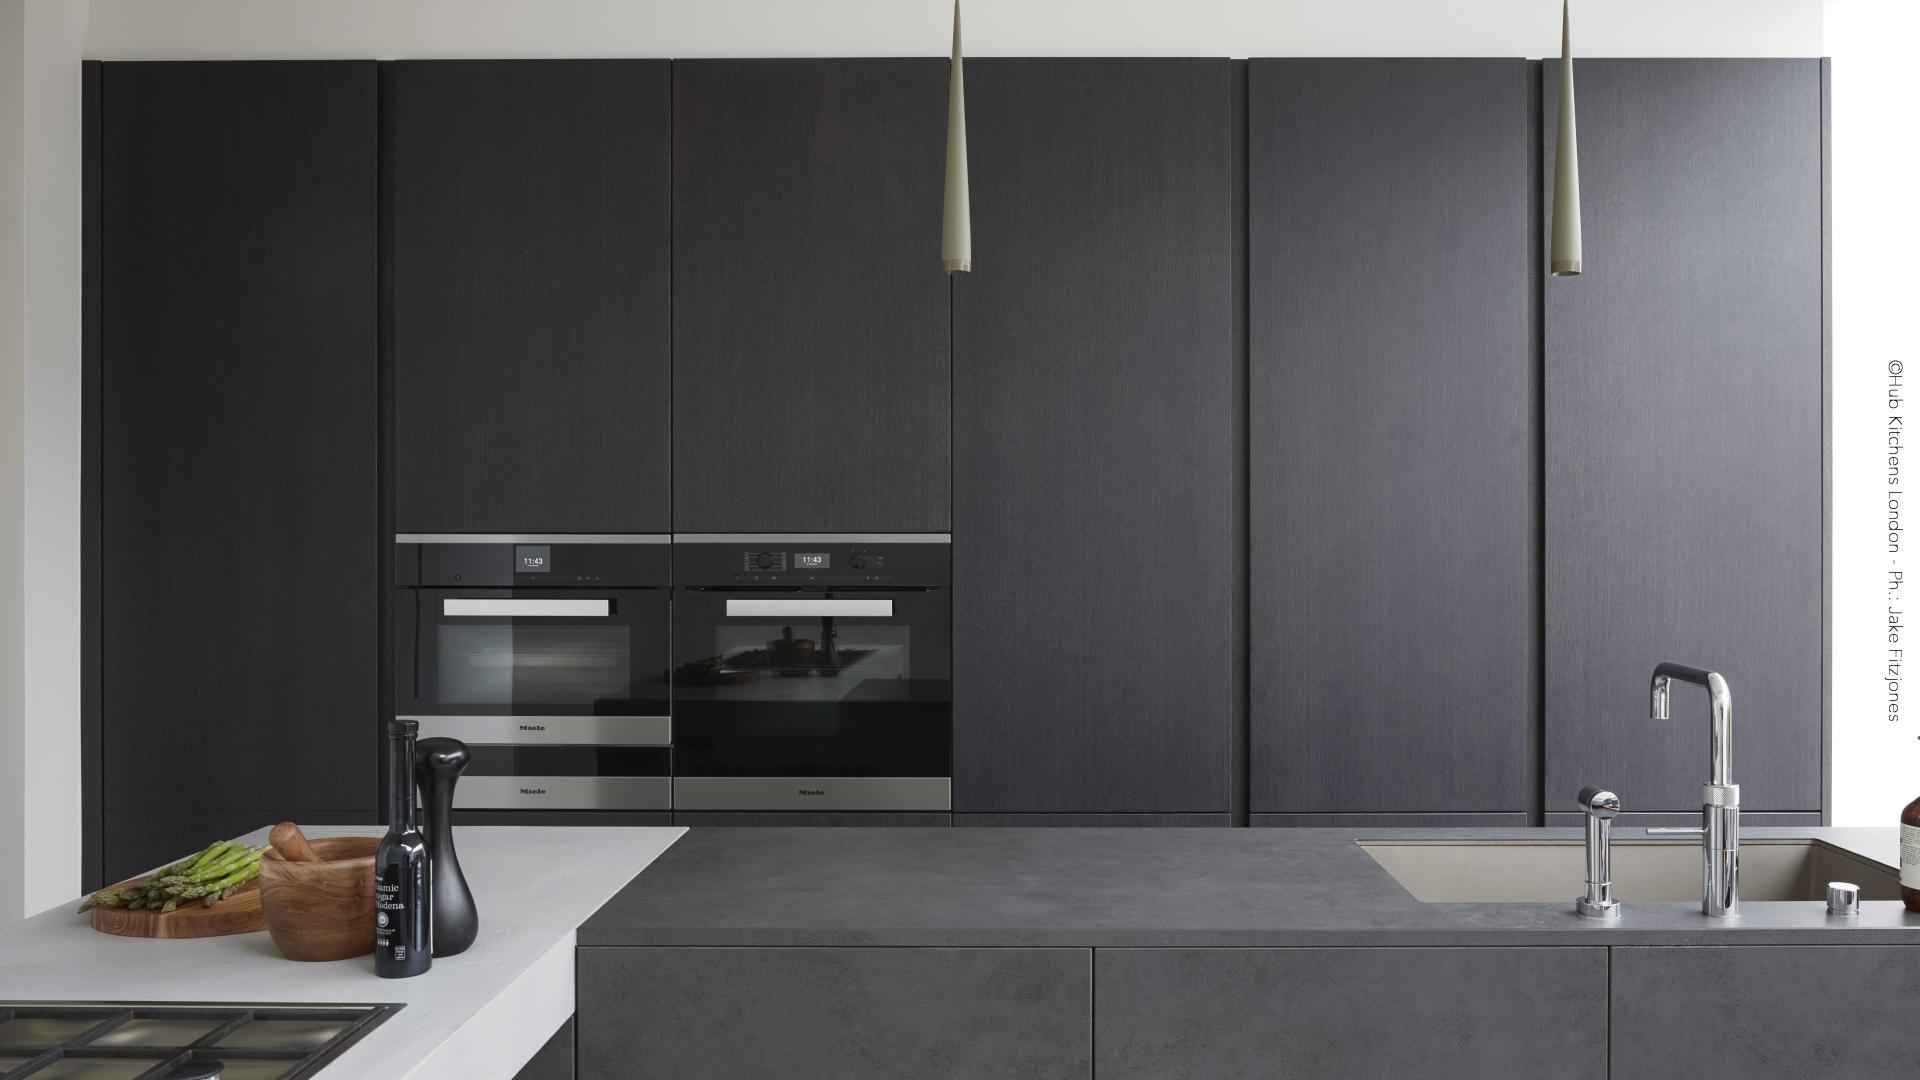 Cucina con isola in legno e gres - 160603_GallerySito_02-1